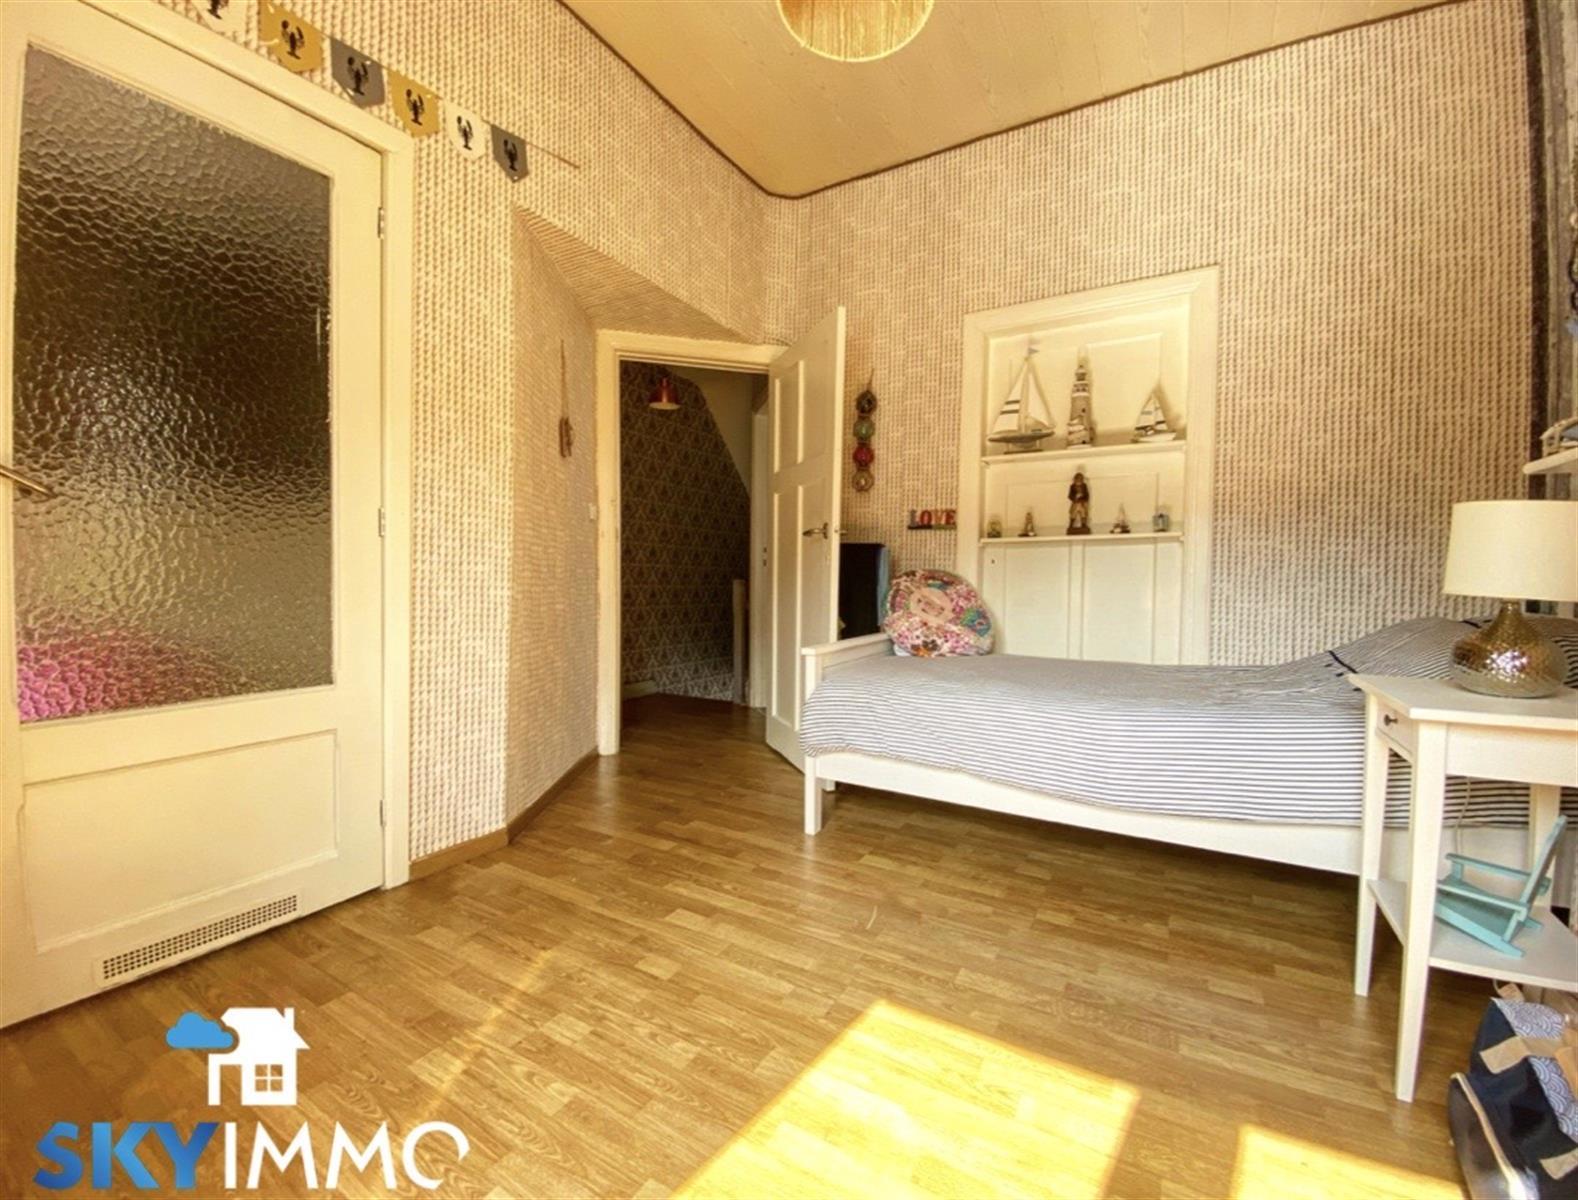 Maison - Liege - #4147640-20